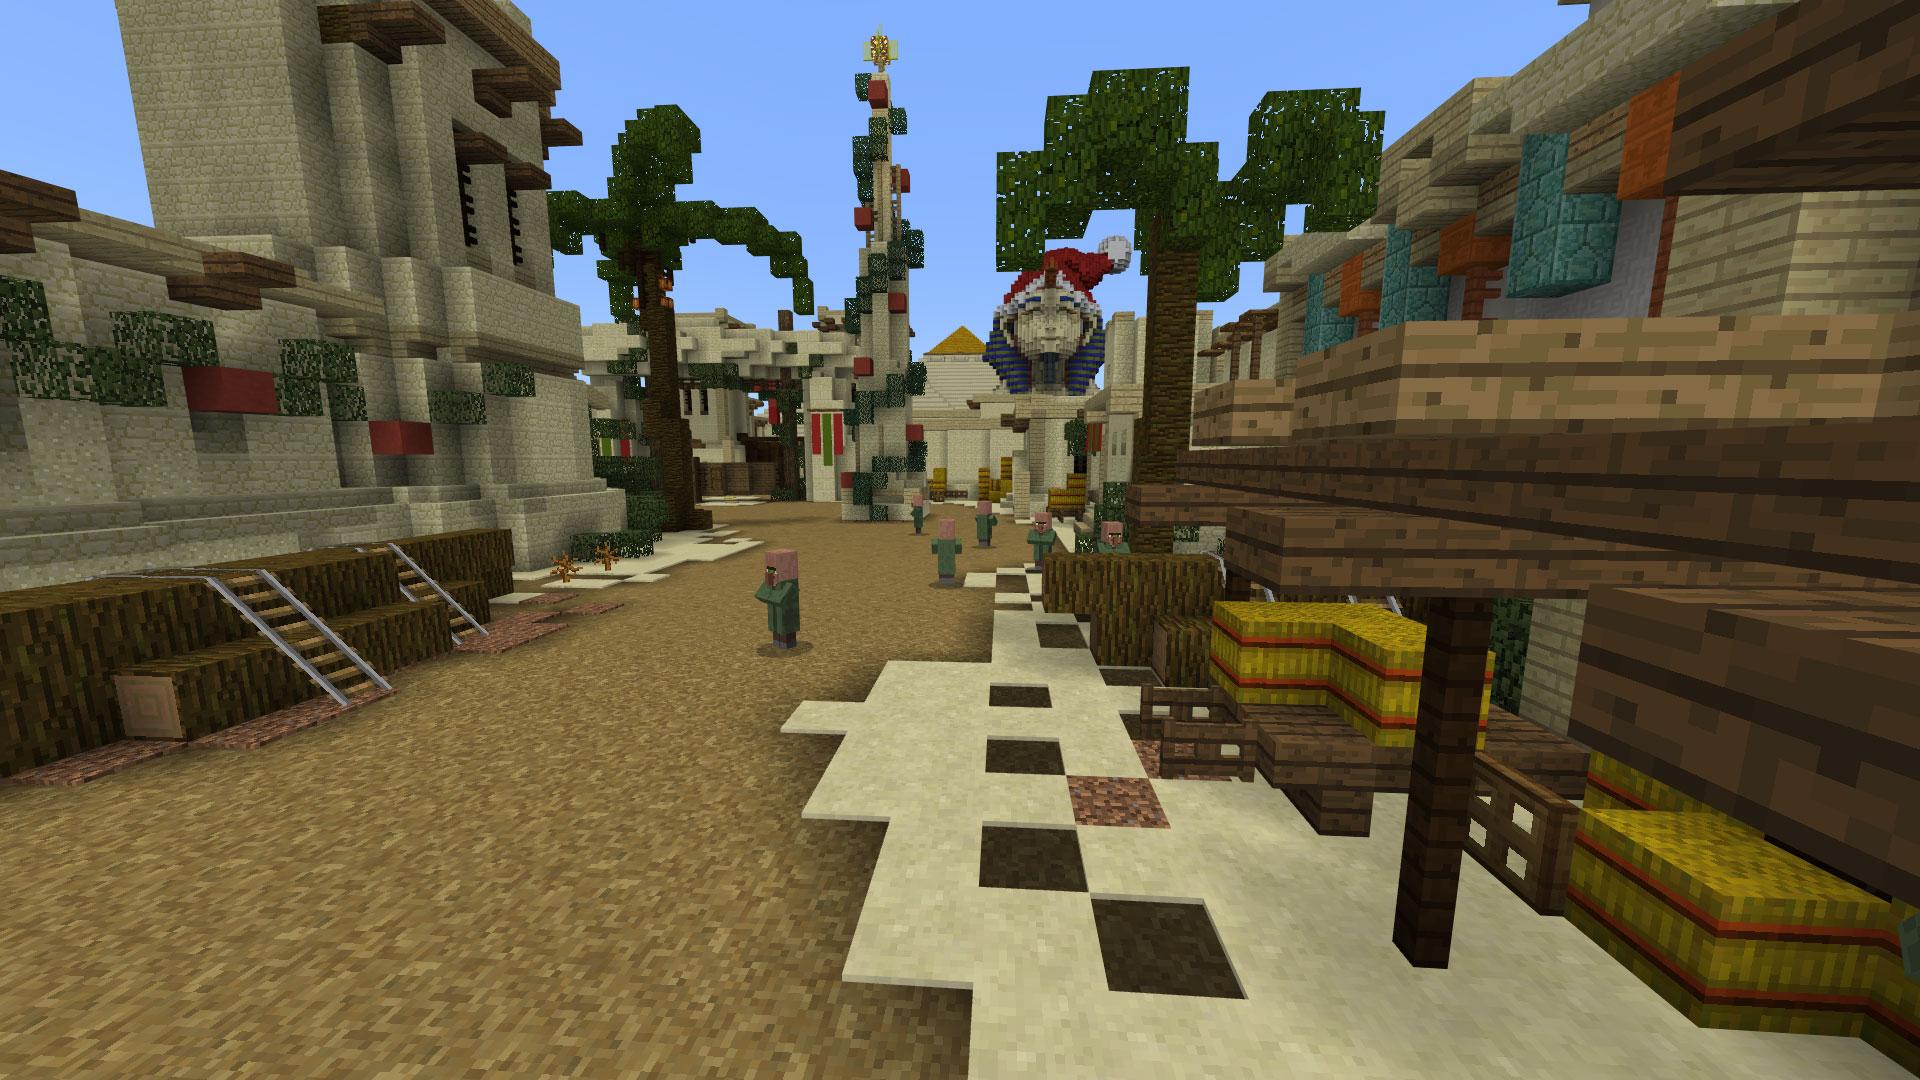 Present_Run_screenshot_2.jpg